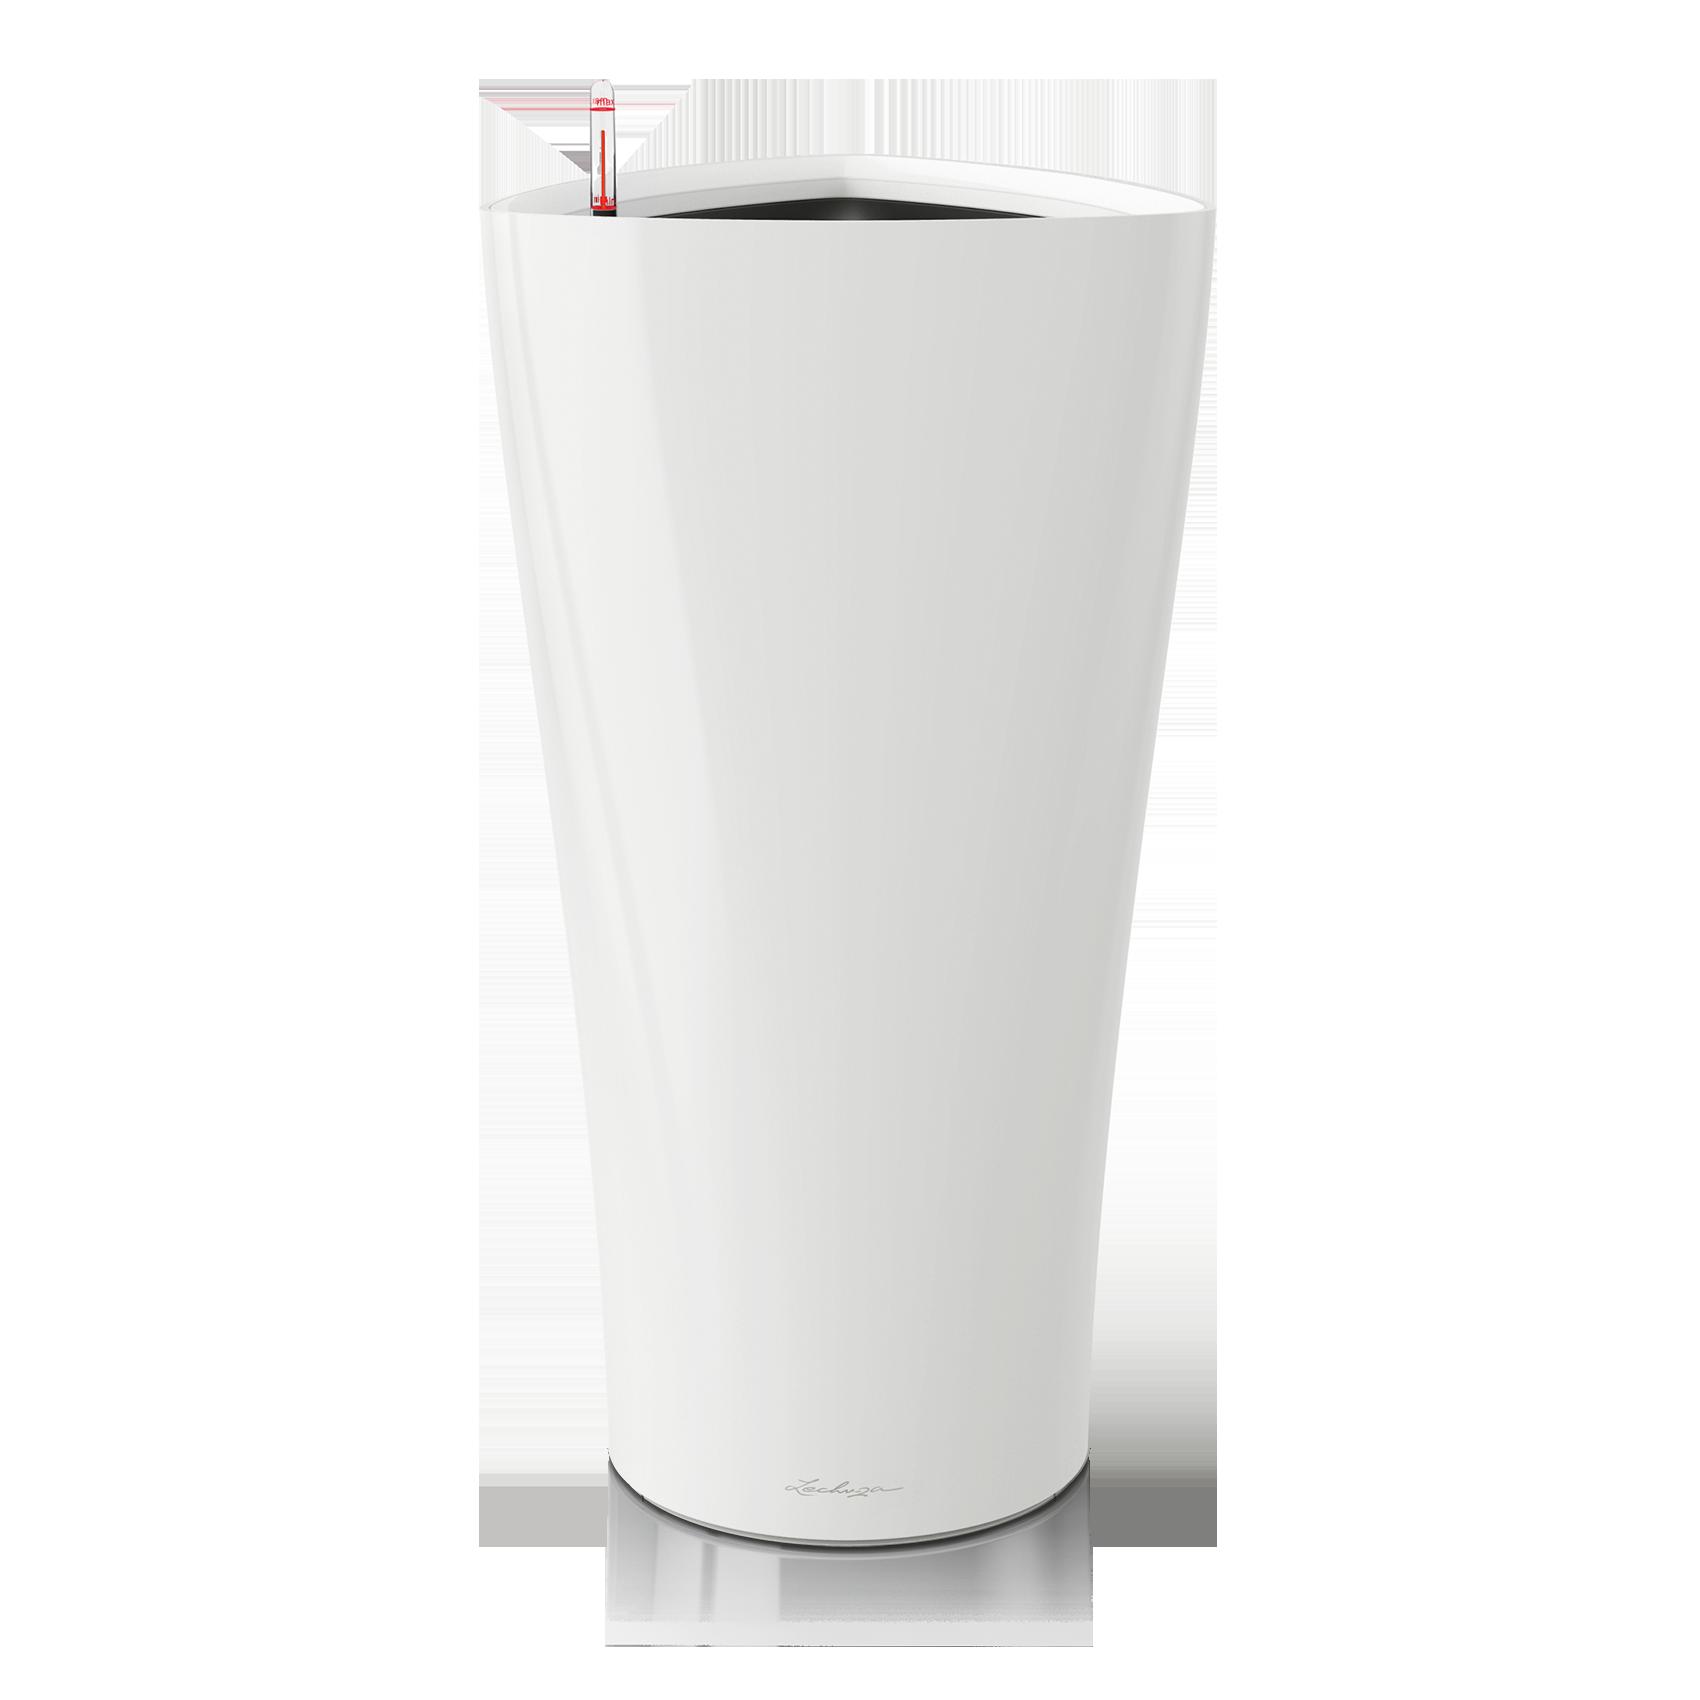 DELTA 40 white high-gloss